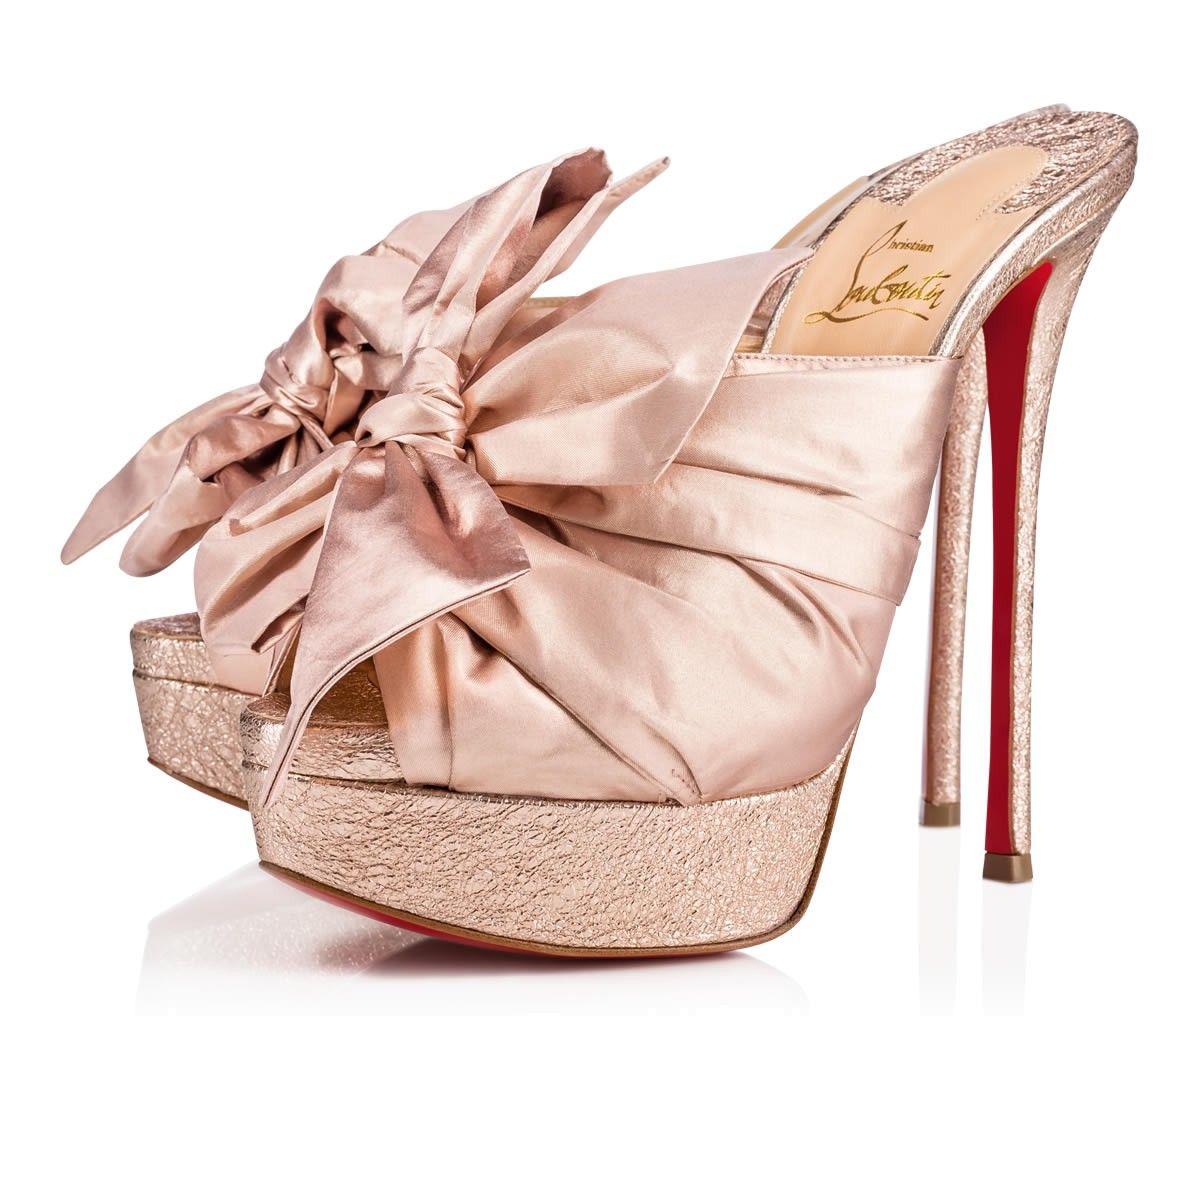 221bcf547c3e0 MONIQUISSIMA SPECCHIO VINTAGE SOIE LAME 150 Rose Gold Silk - Women Shoes -  Christian Louboutin